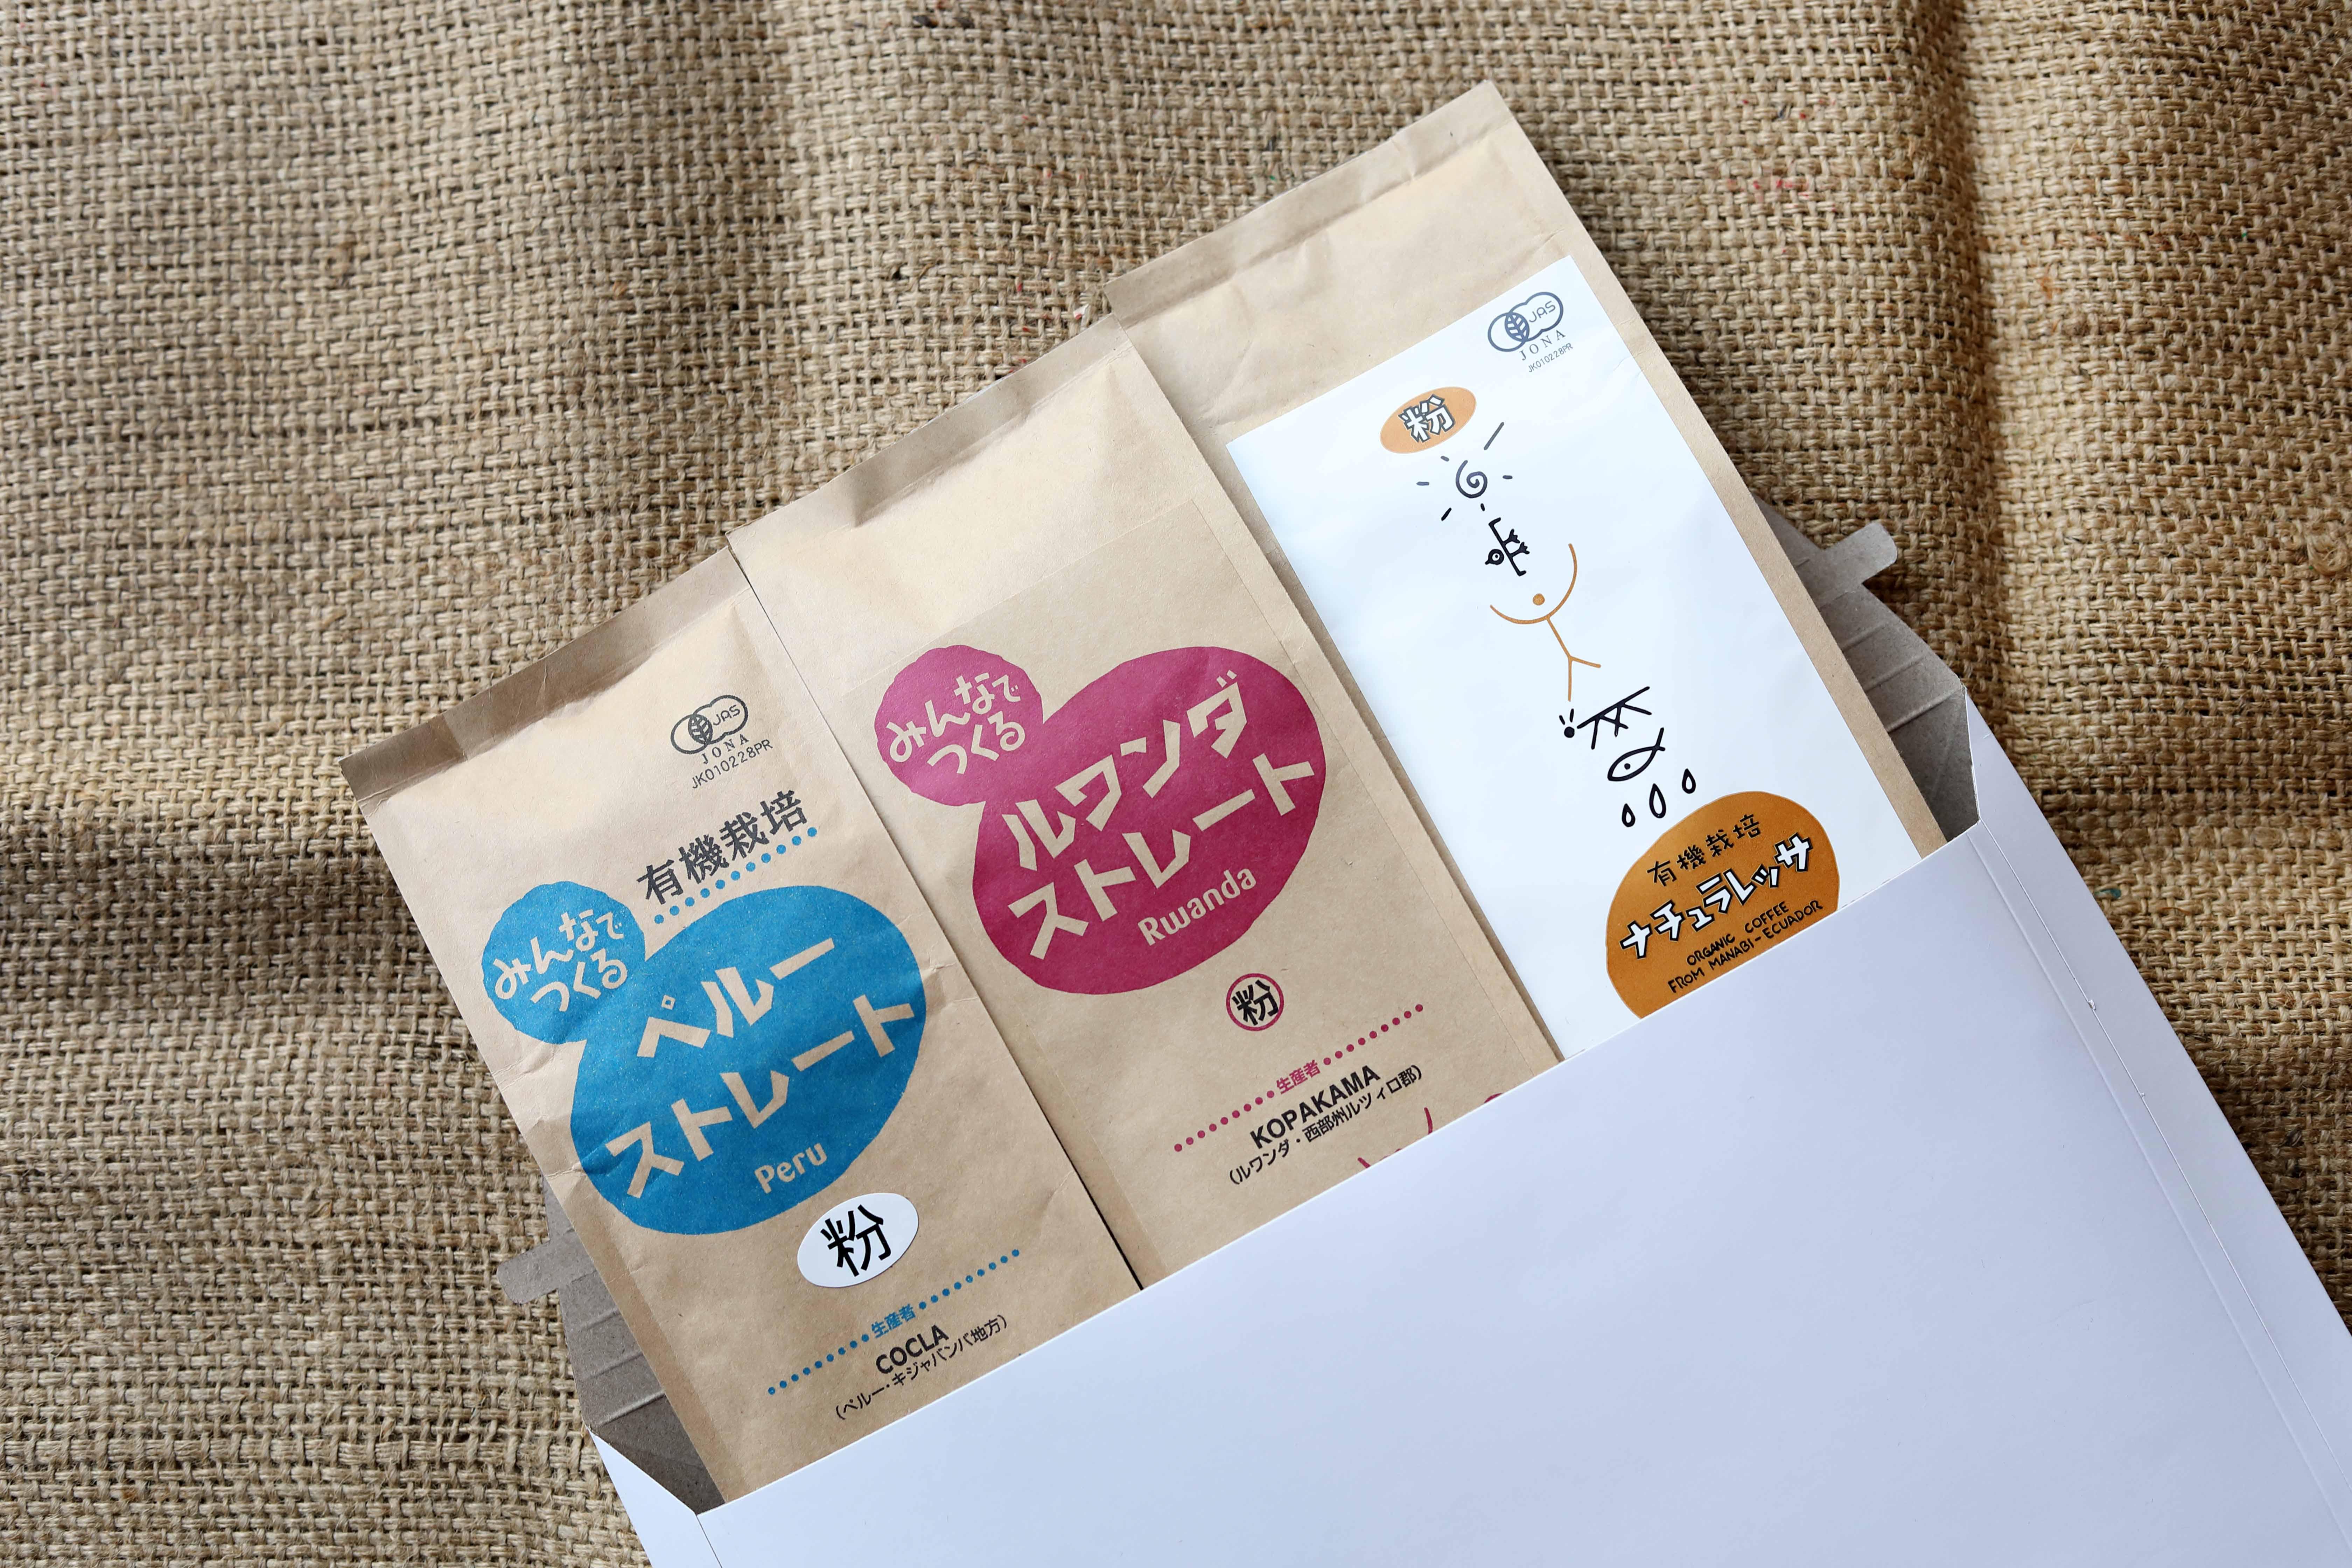 コーヒー飲みくらべセット(ぜいたく3種類セット)【送料込み】